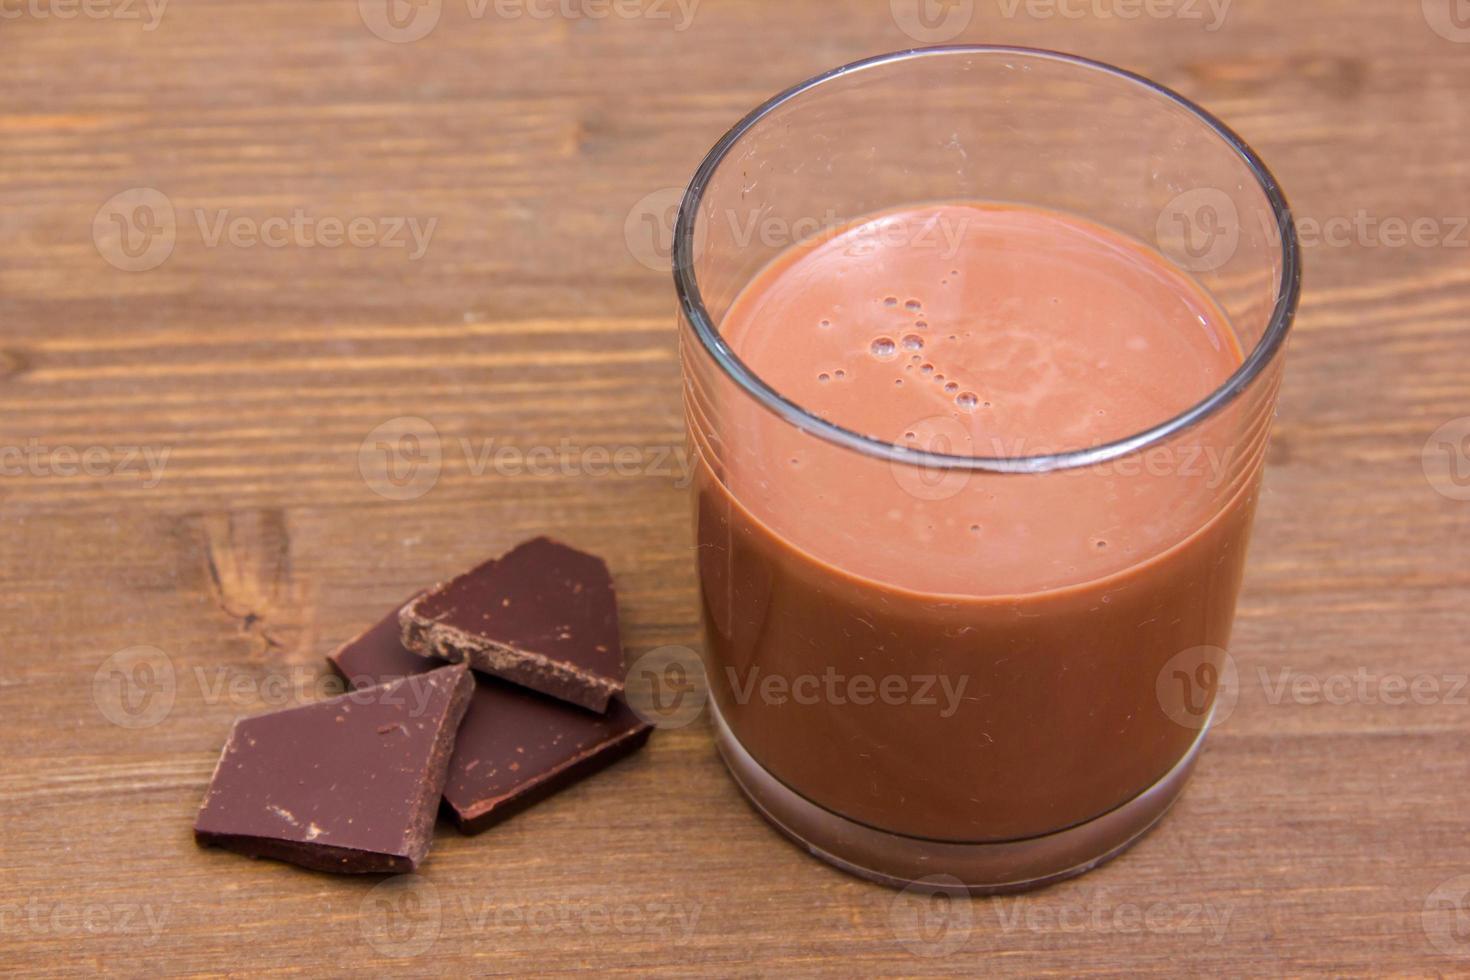 boisson au cacao sur bois photo